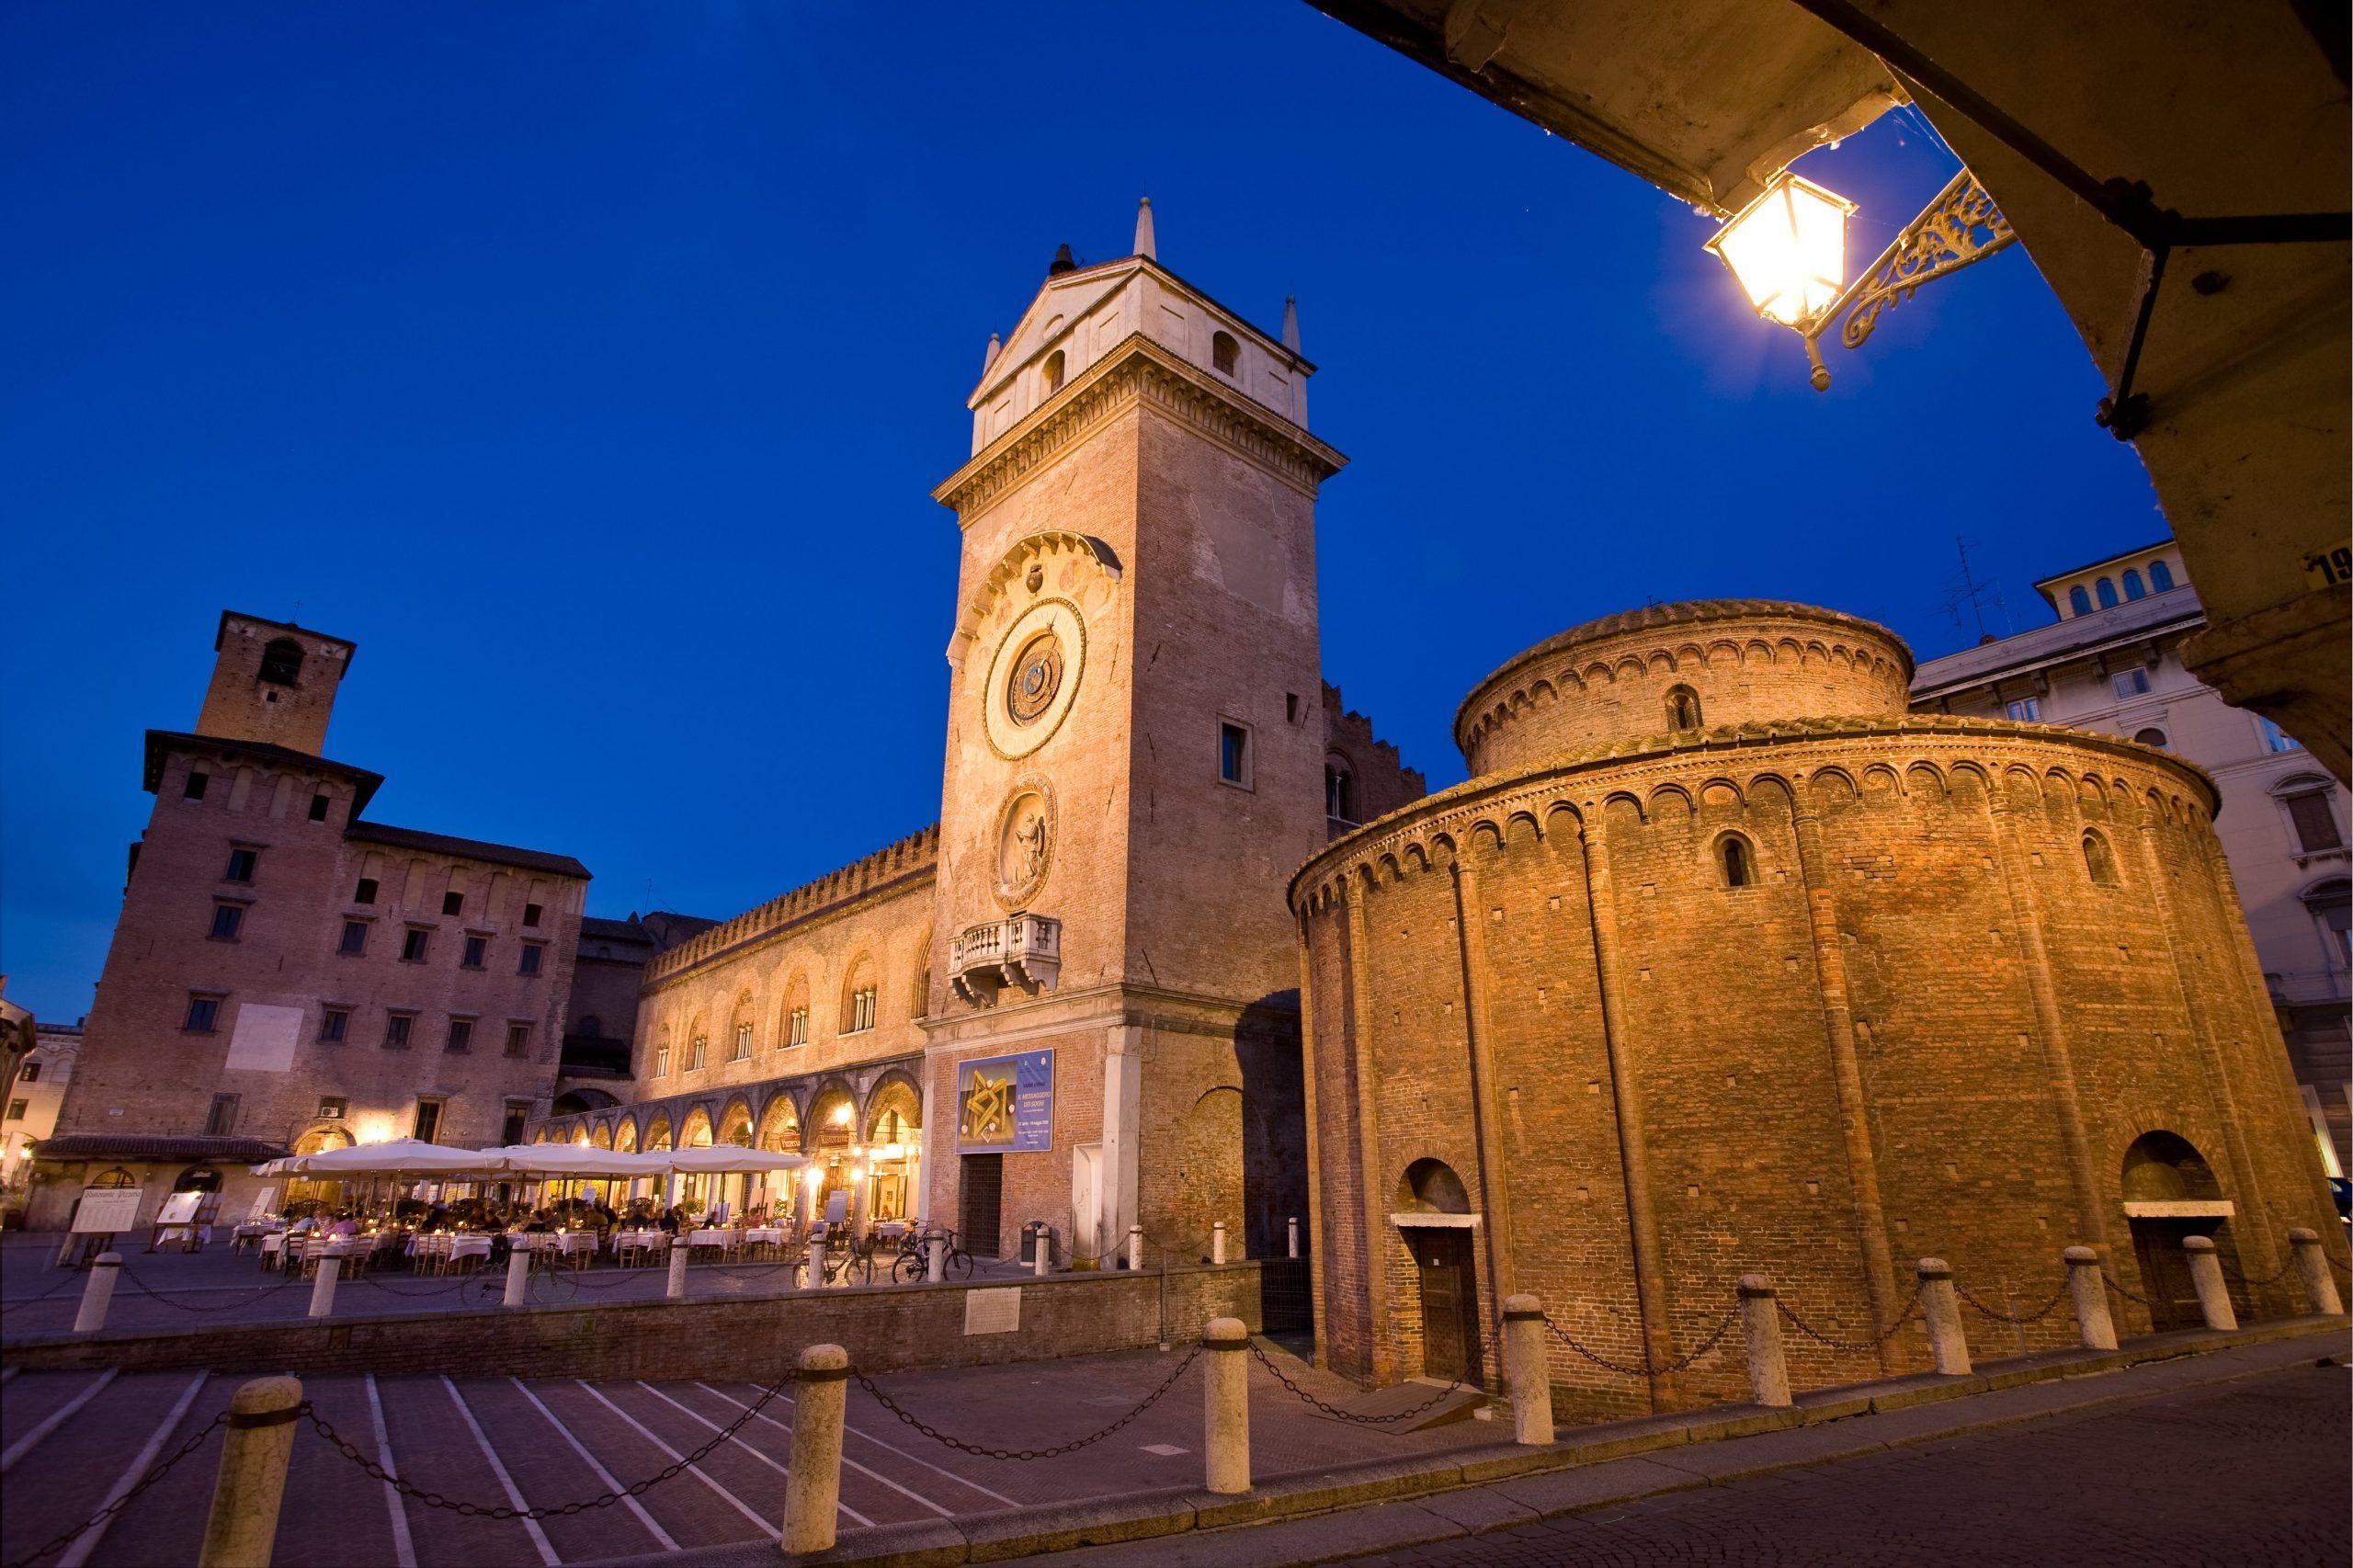 Festival della Letteratura di Mantova 2014: programma e ospiti